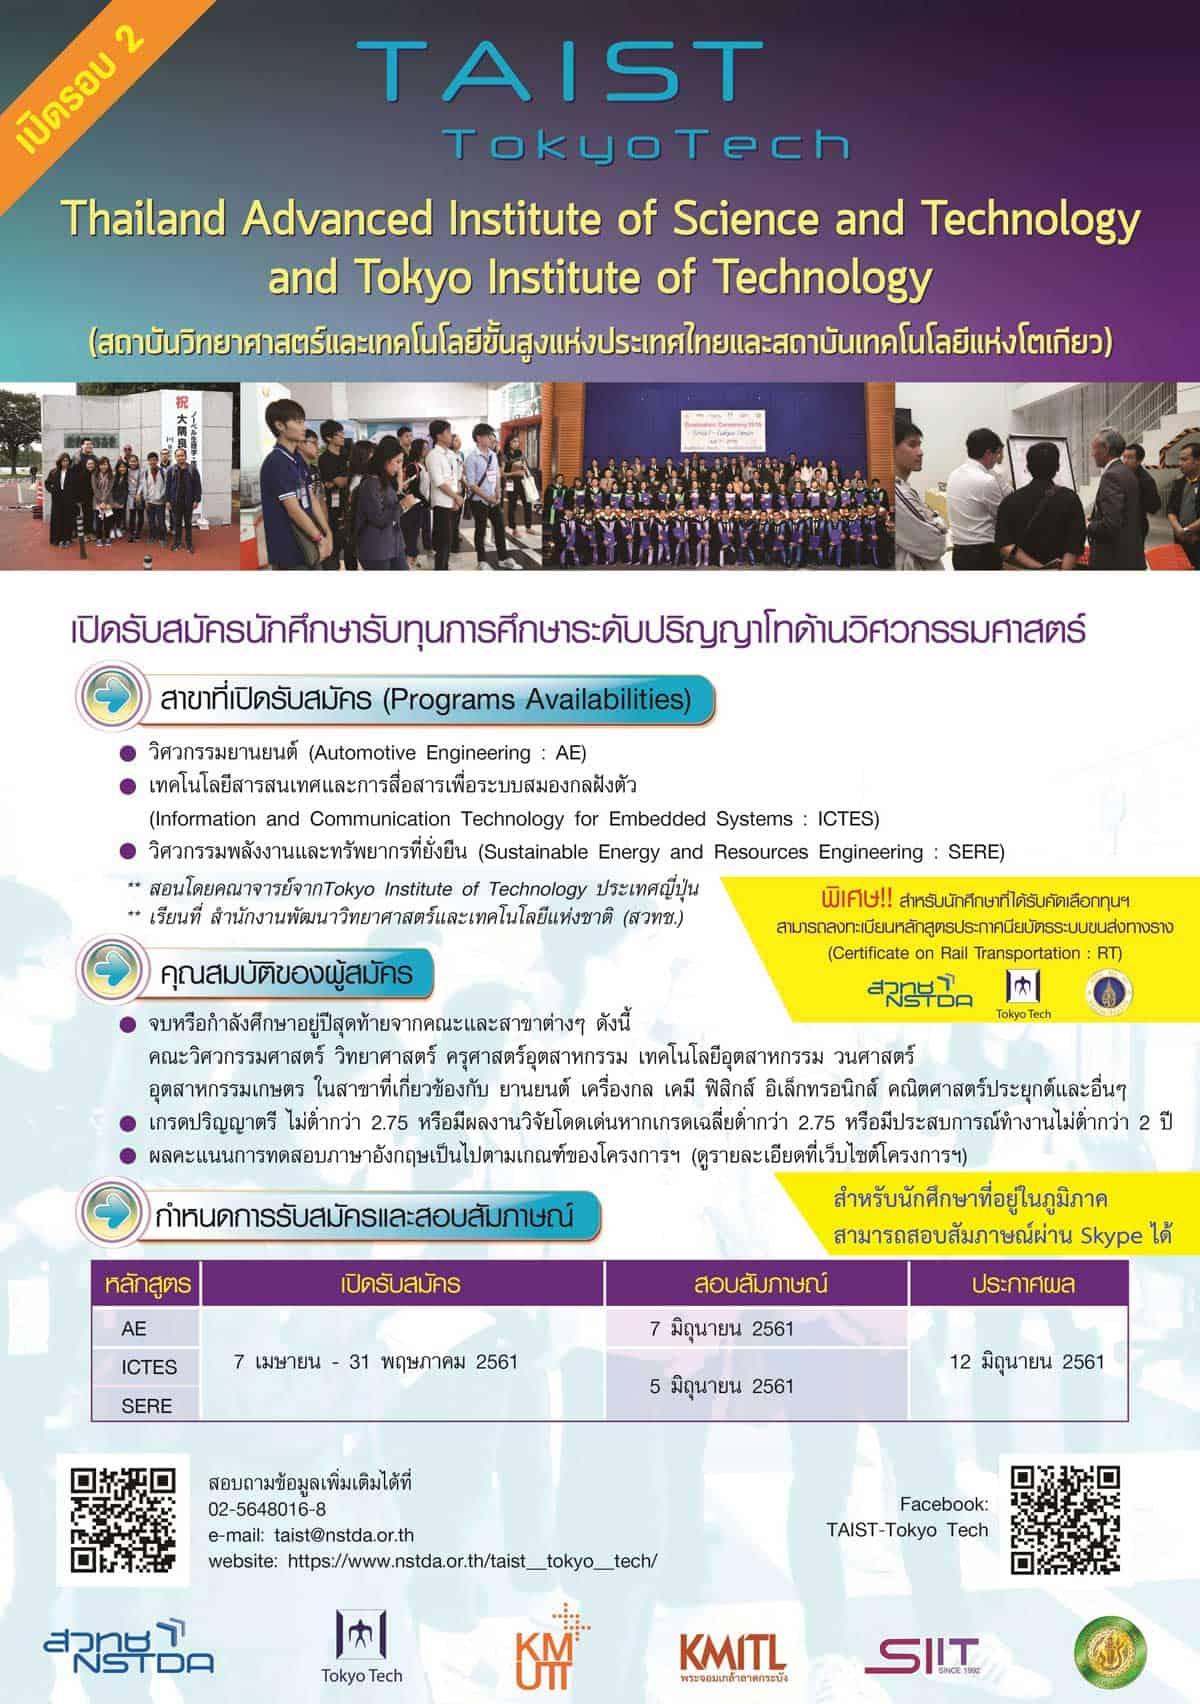 ทุนการศึกษาระดับปริญญาโท โครงการ TAIST-Tokyo Tech จาก สวทช.